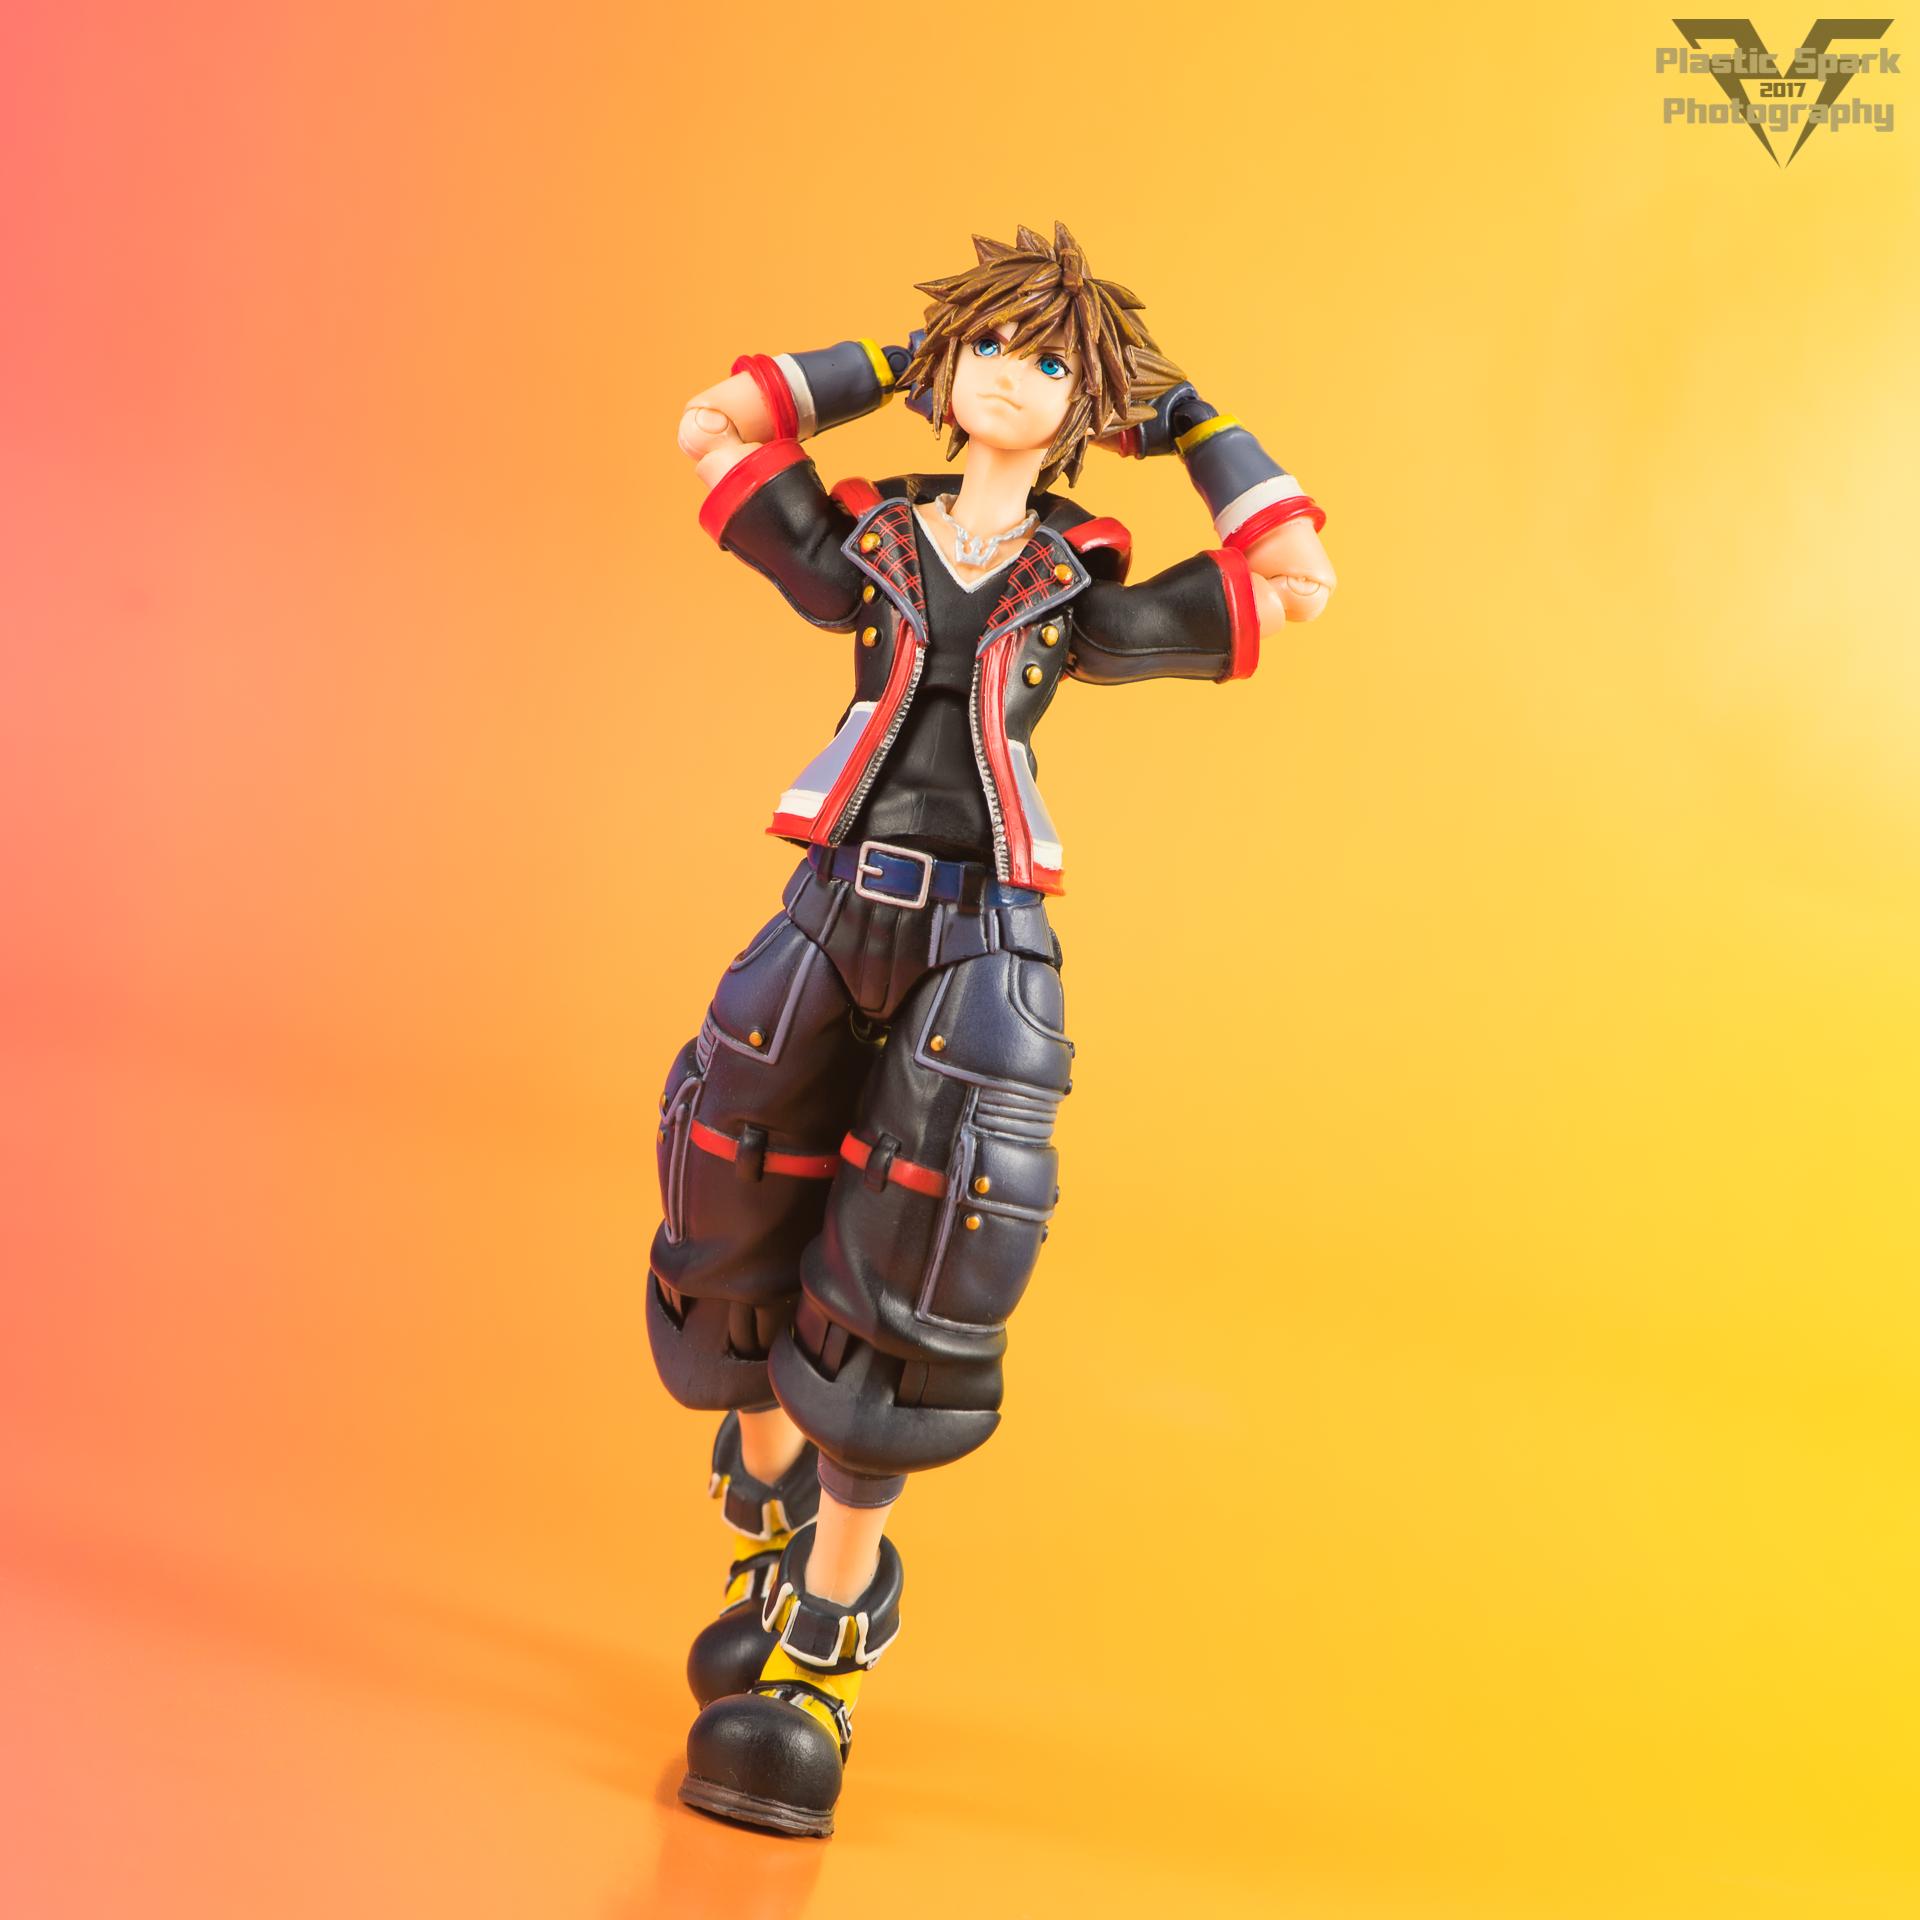 Square-Enix-Bring-Arts-Sora-(20-of-31).png